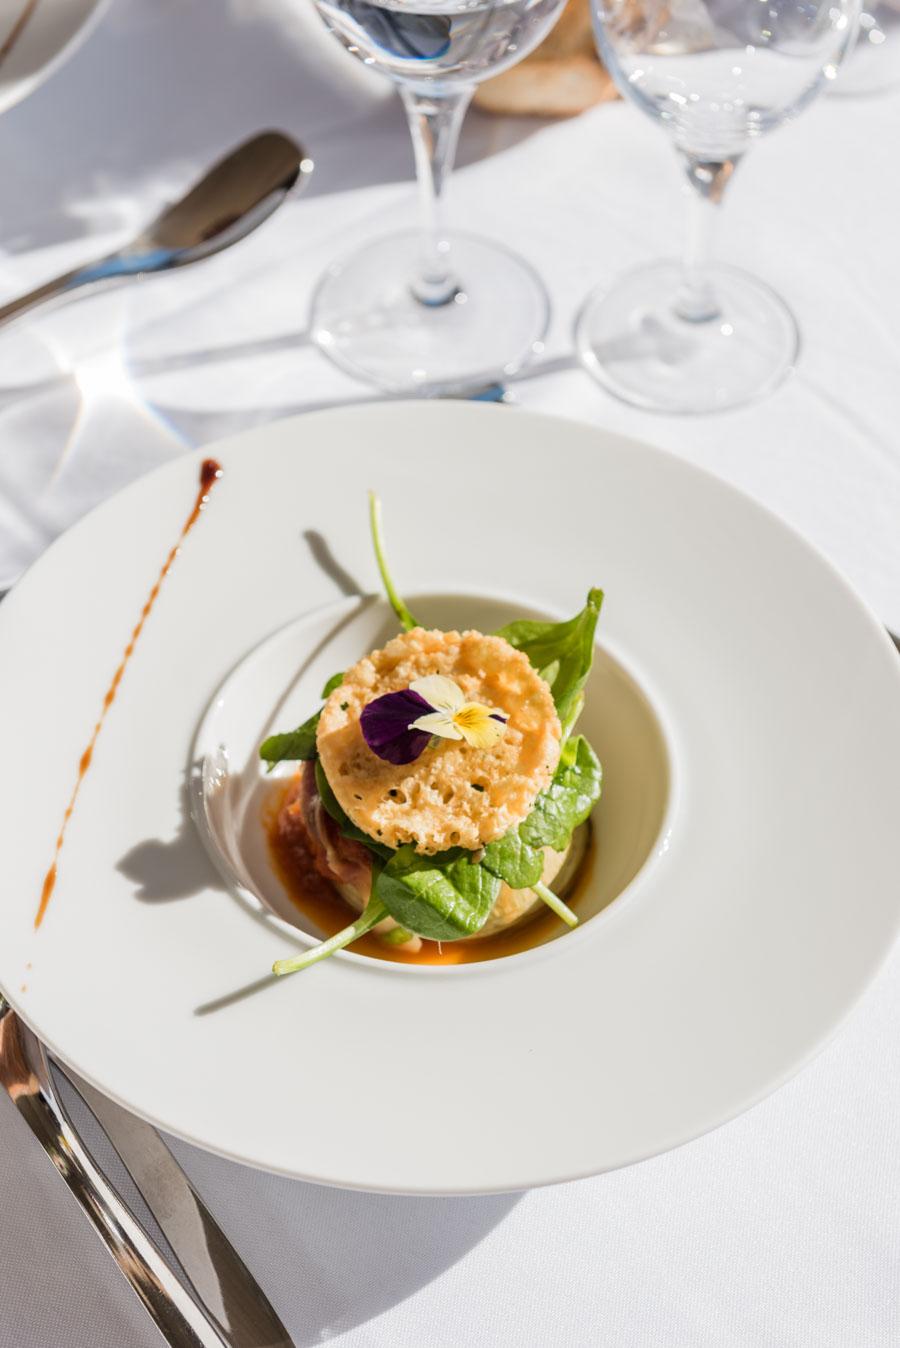 kristian-photos-photographe-mariage-marseille-aix-toulon-degustation-romarin-vert-la-pomme